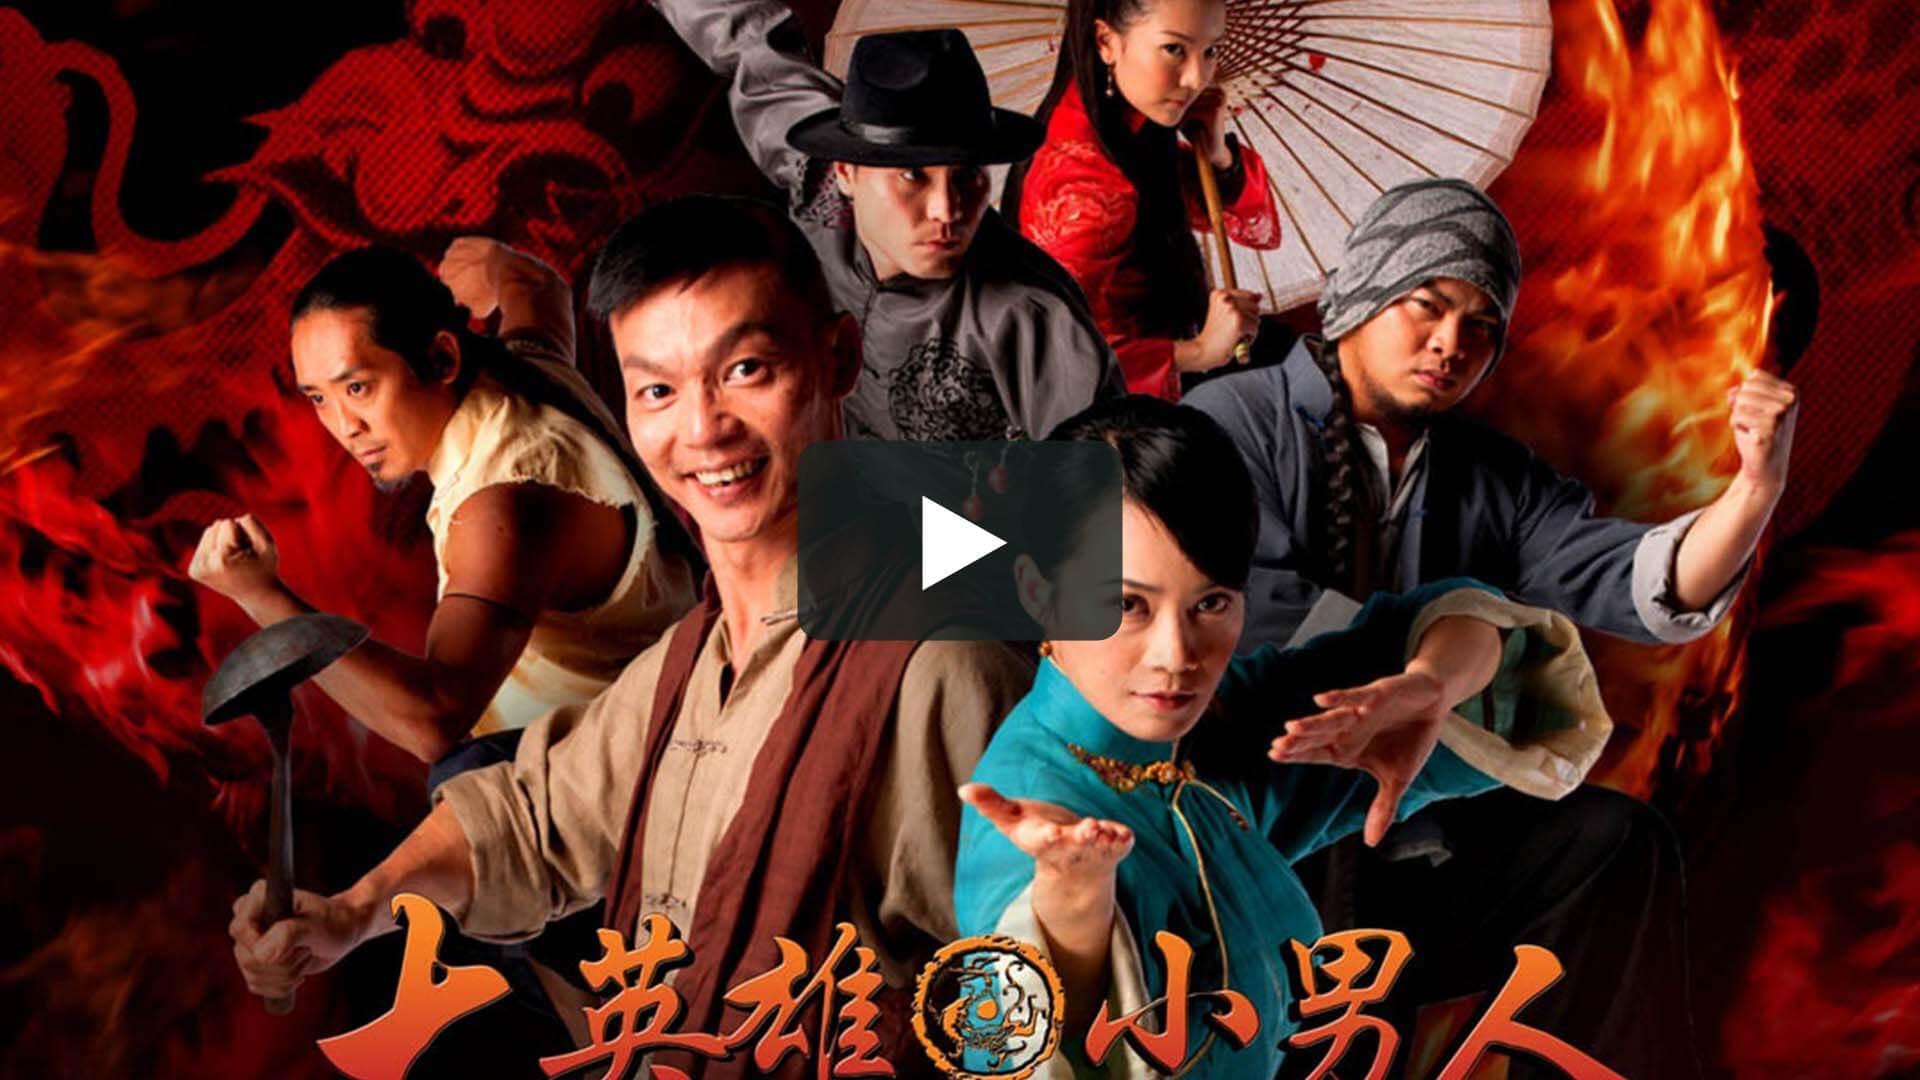 大英雄小男人 - Petaling Street Warriors